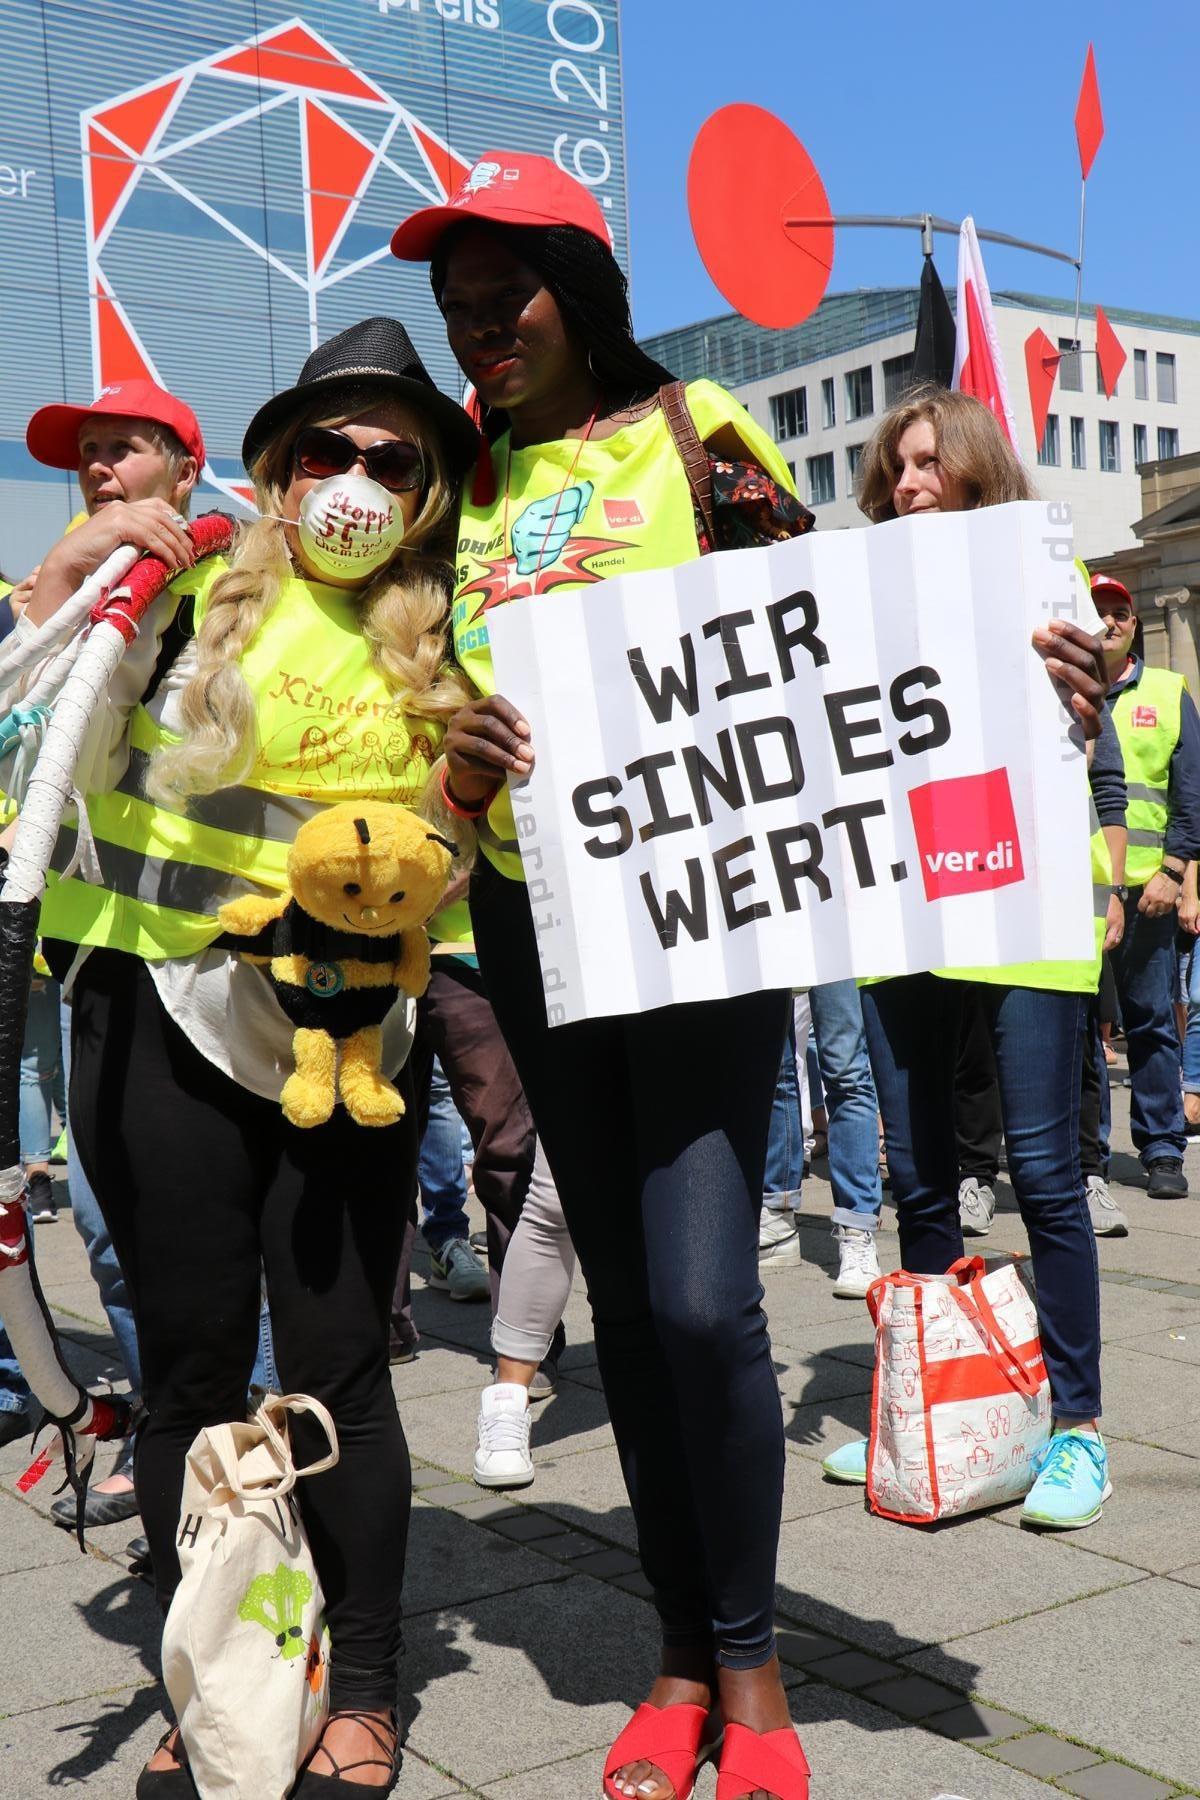 Almanya'da perakende sektöründe çalışan emekçilerin uyarı grevleri sürüyor